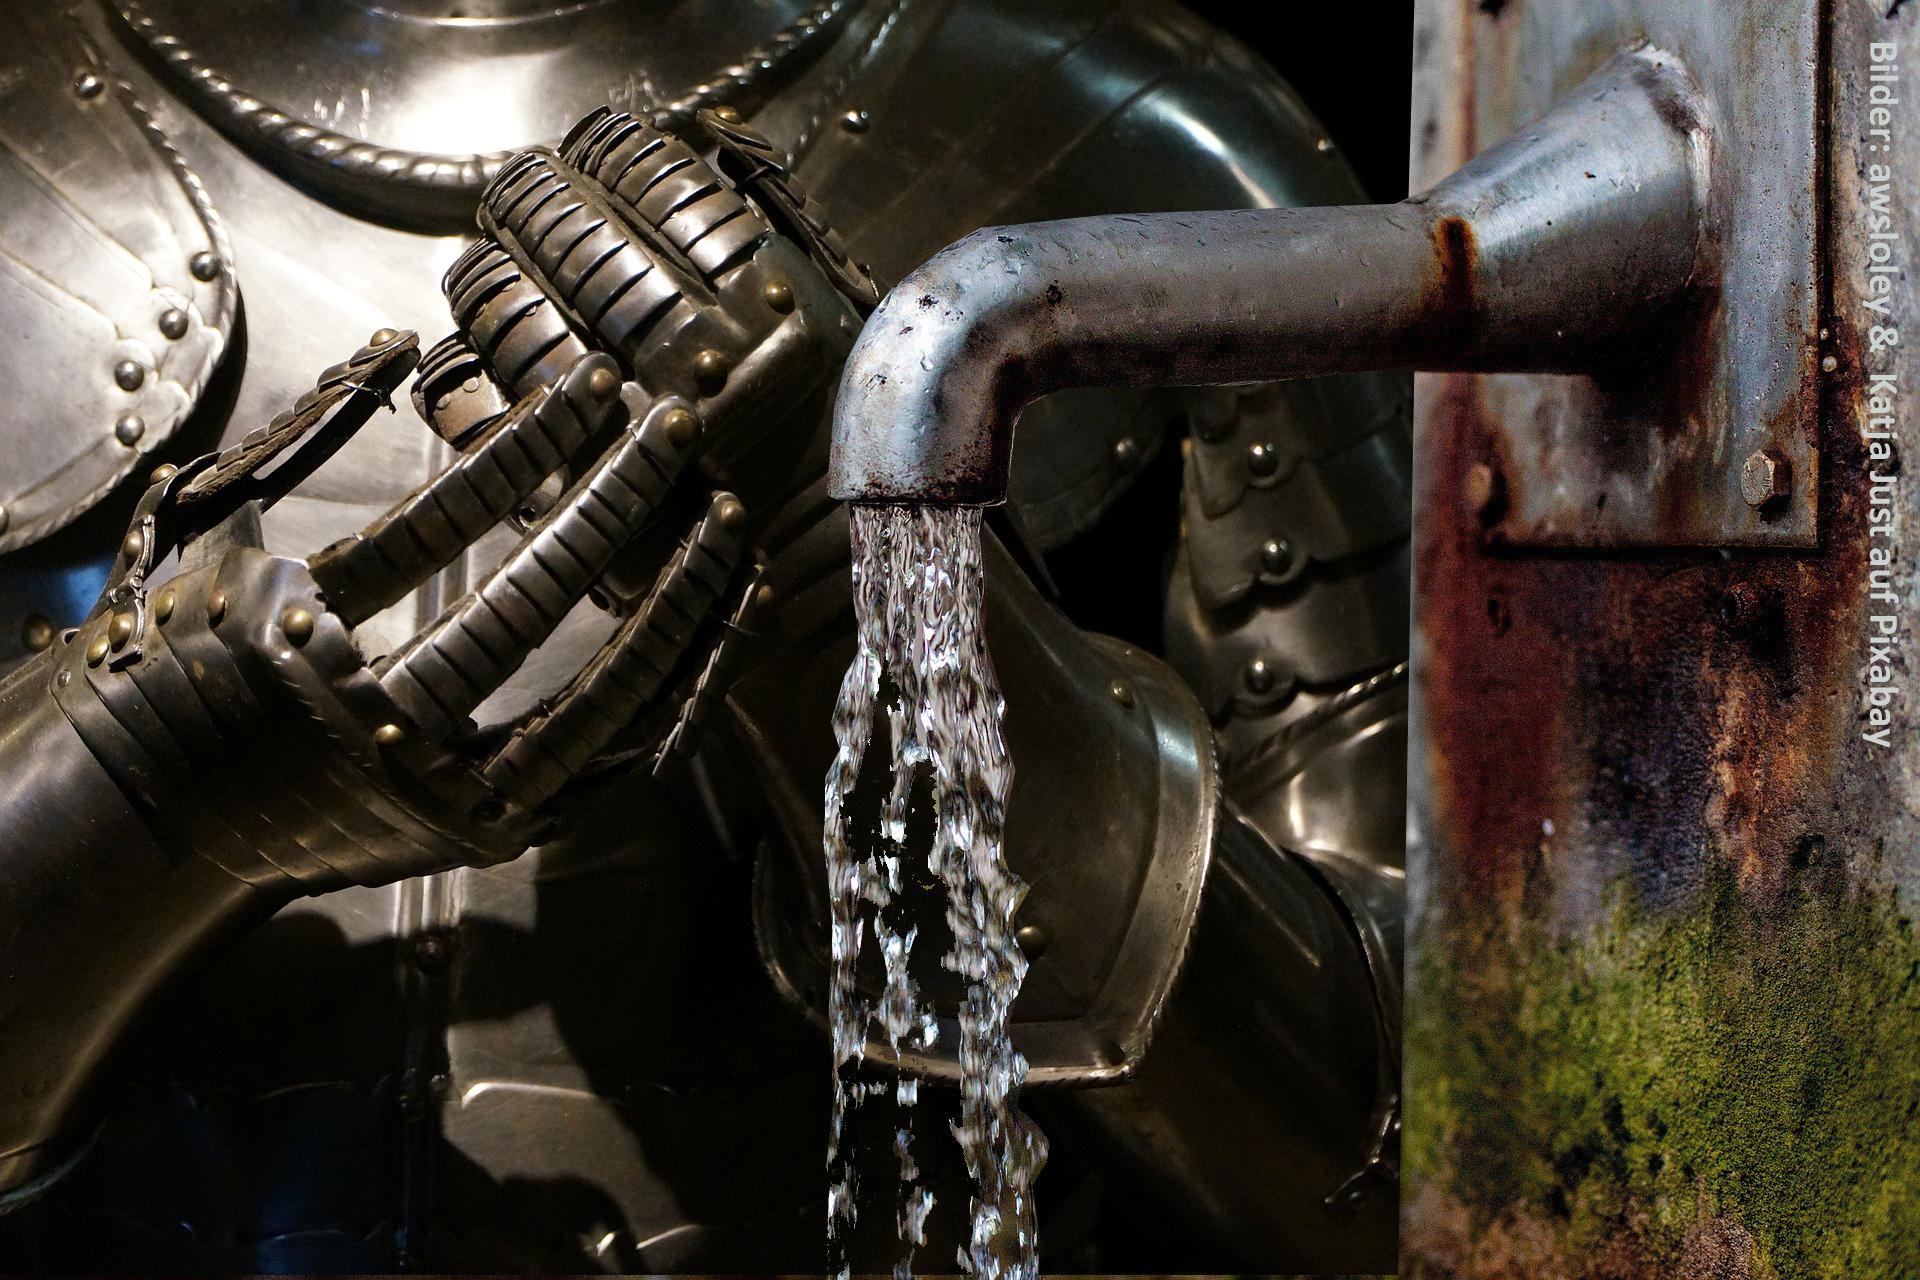 Herbstferien auf Burg Posterstein: Hatten Ritter einen Wasserhahn?